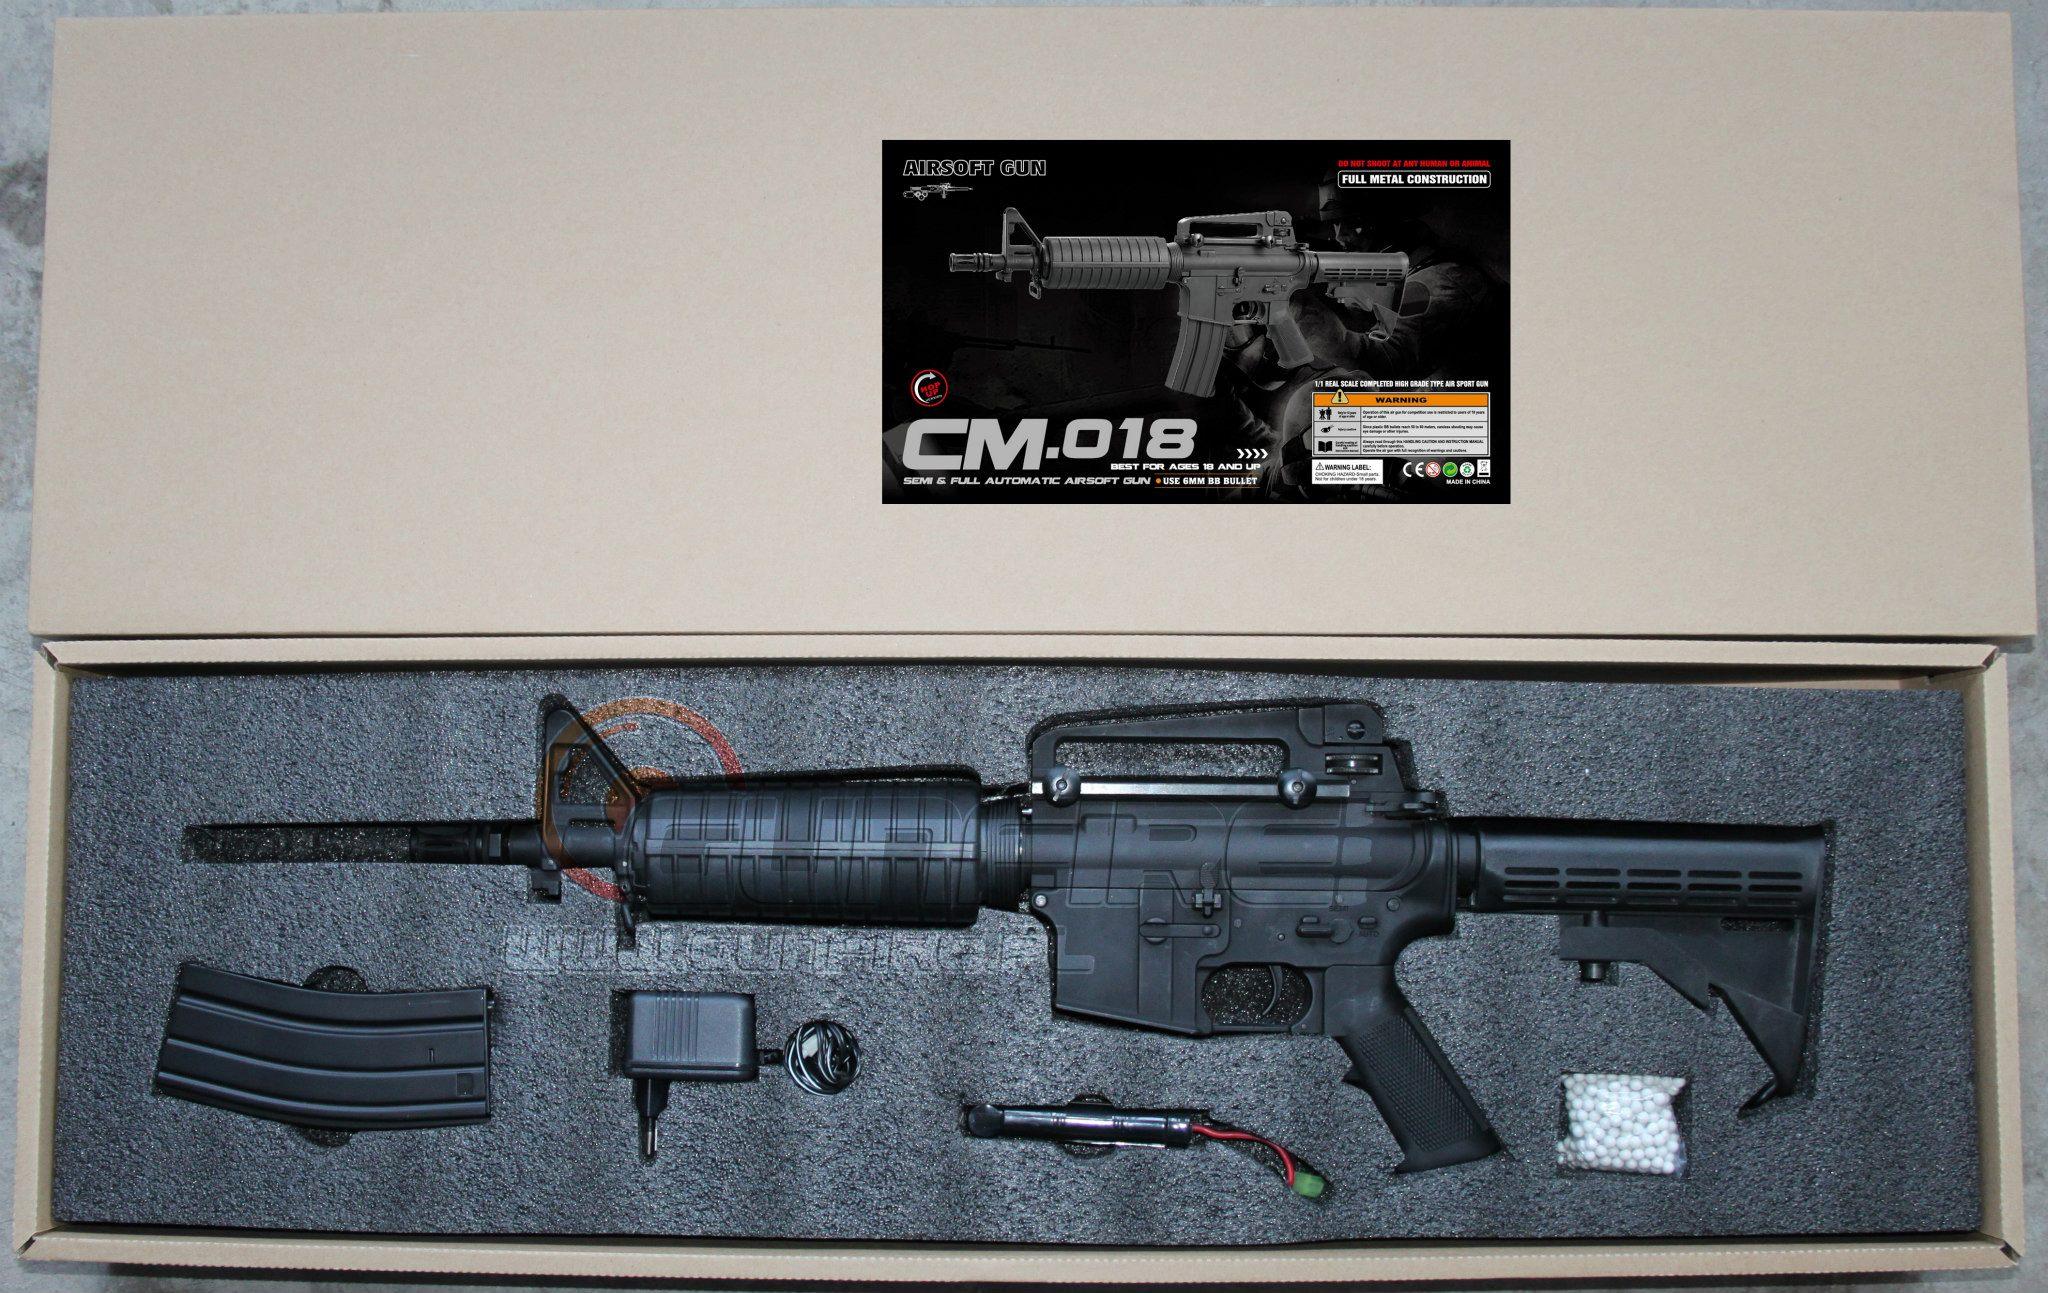 Cyma anuncia que fabricará M4 - M16 CM-018